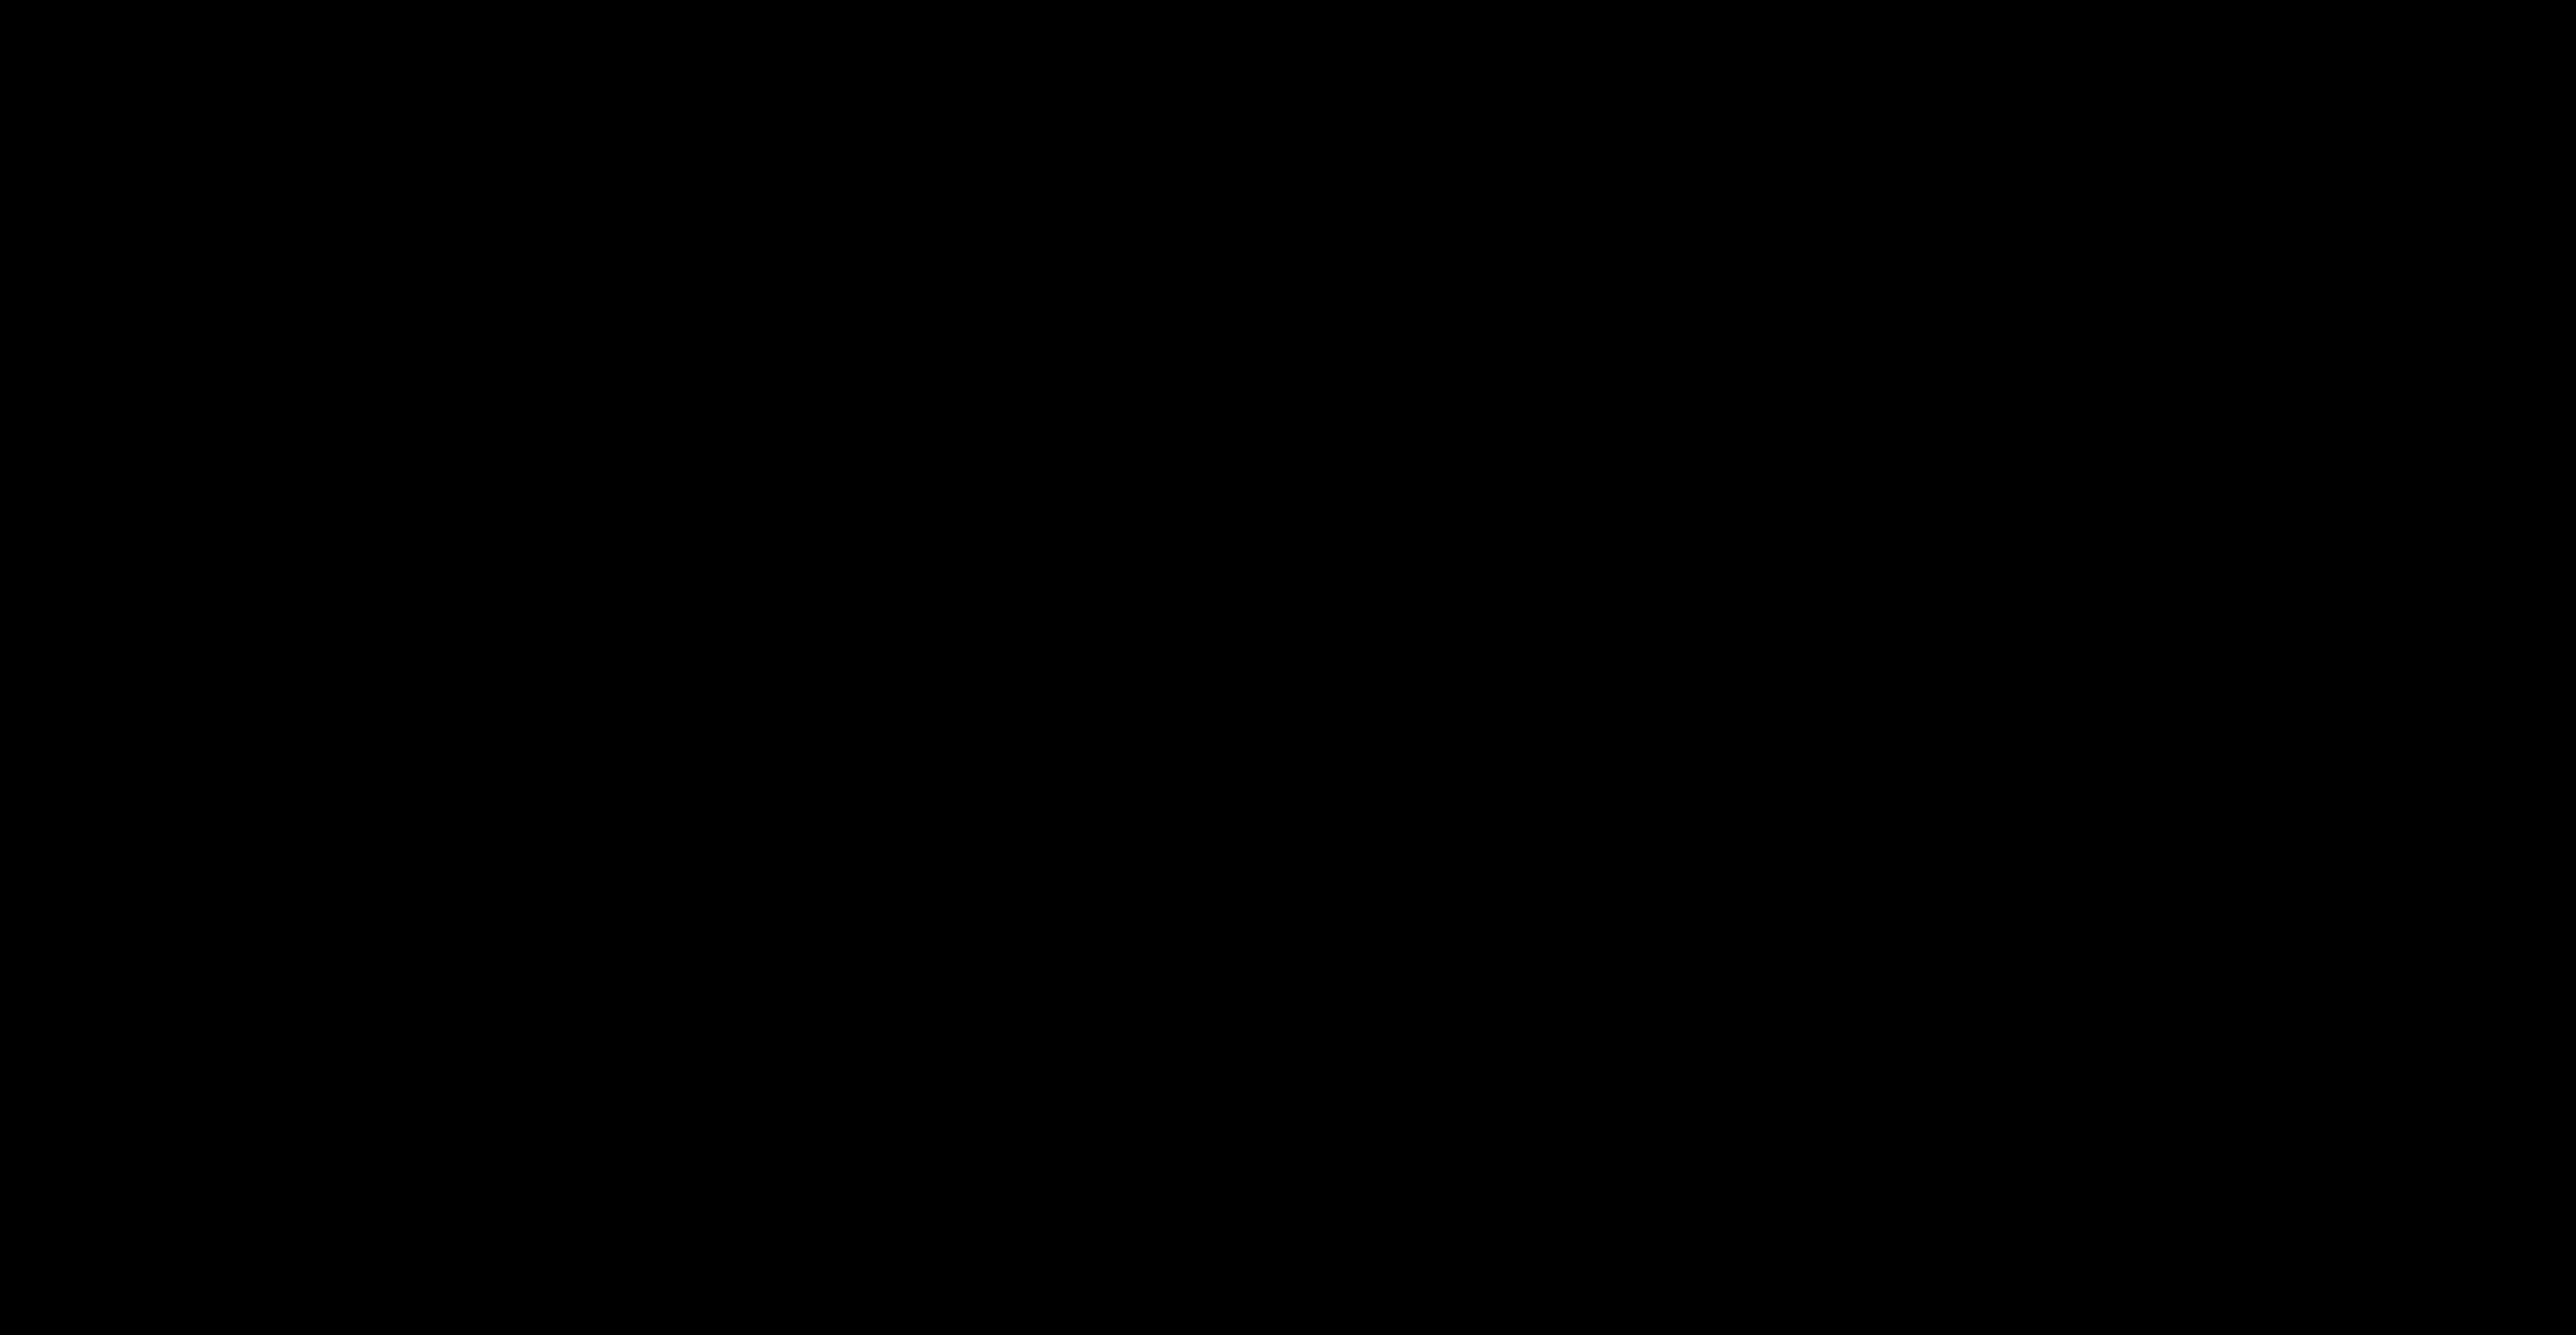 2022 YAMAHA SX 250